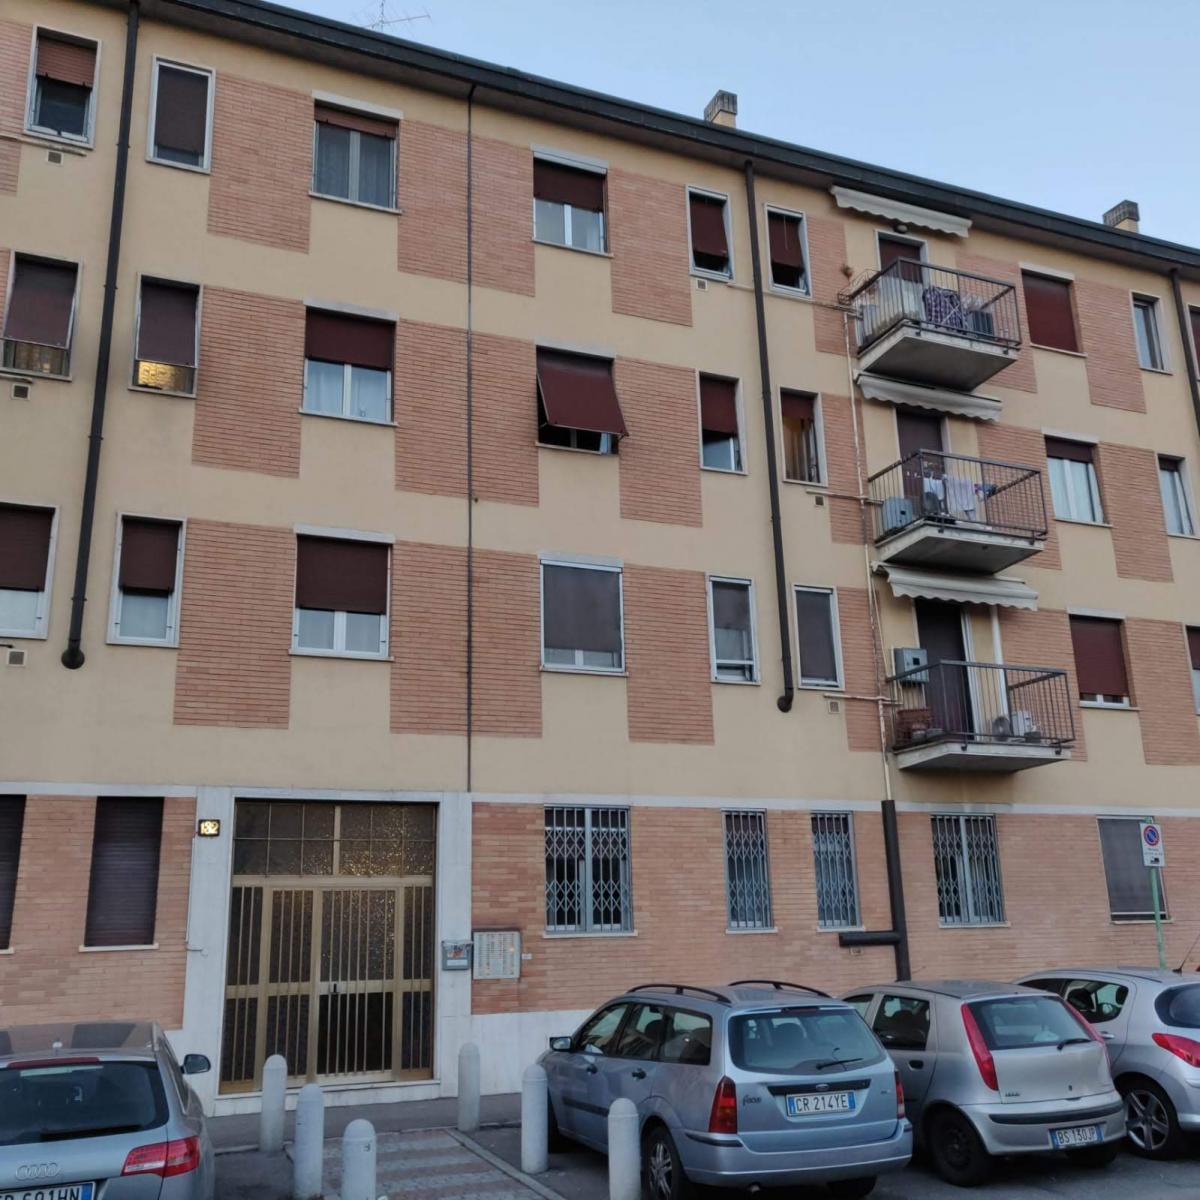 appartamento-in-vendita-milano-quinto-romano-via-novara-2-locali-bilocale-spaziourbano-immobiliare-vende-1